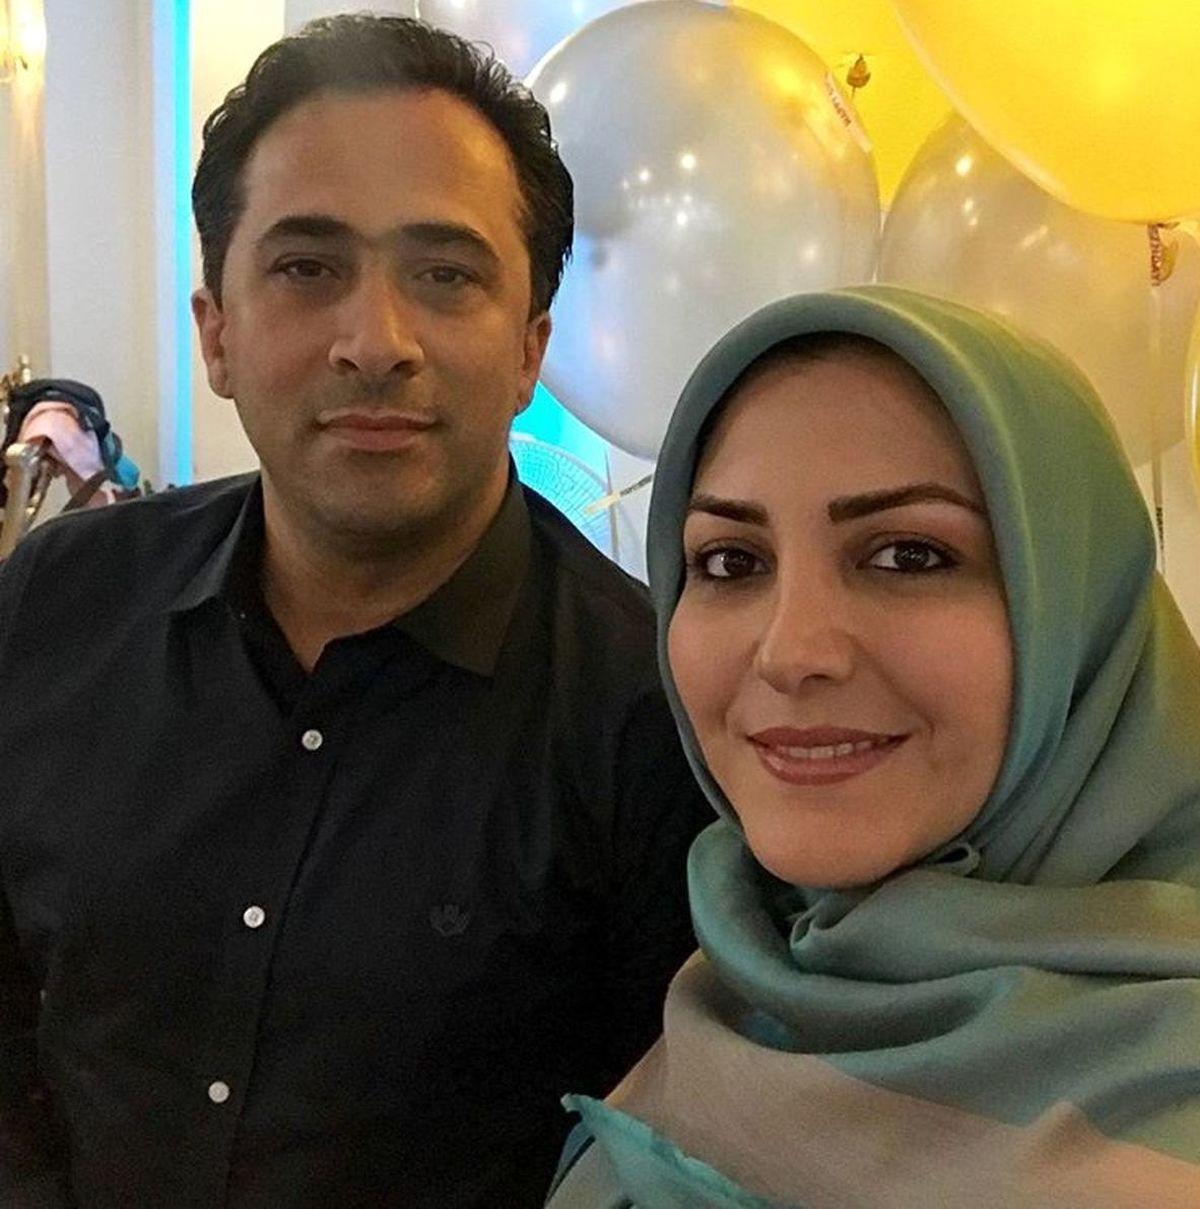 زندگی نامه المیرا شریفی مقدم گوینده محبوب شبکه خبر